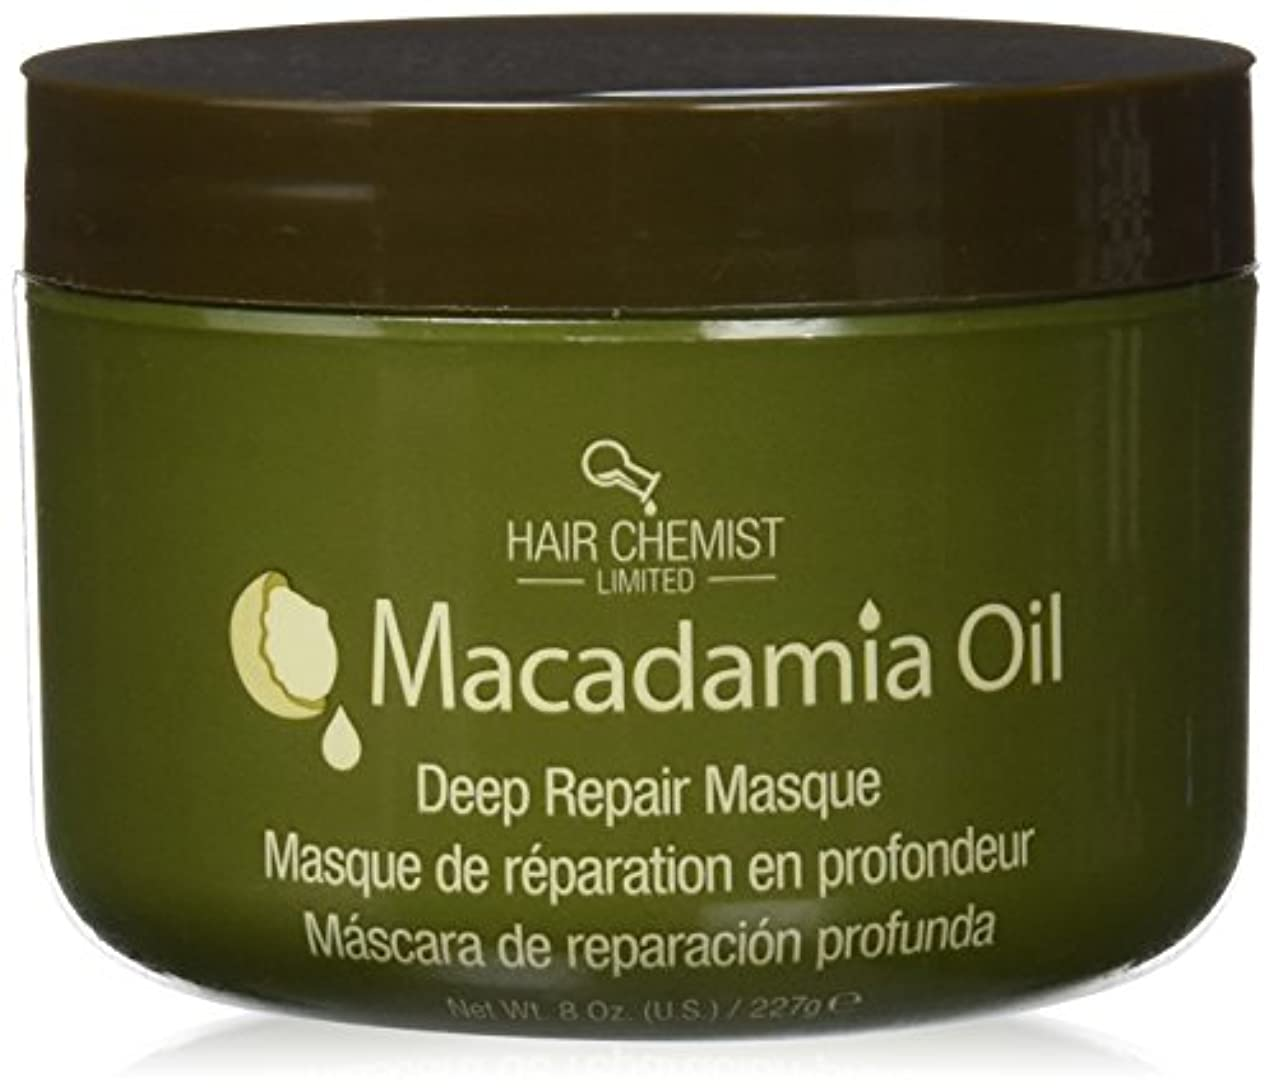 放課後スクラップ販売員Hair Chemist ヘアマスク マカダミア オイル ディープリペアマスク 227g Macadamia Oil Deep Repair Mask 1434 New York